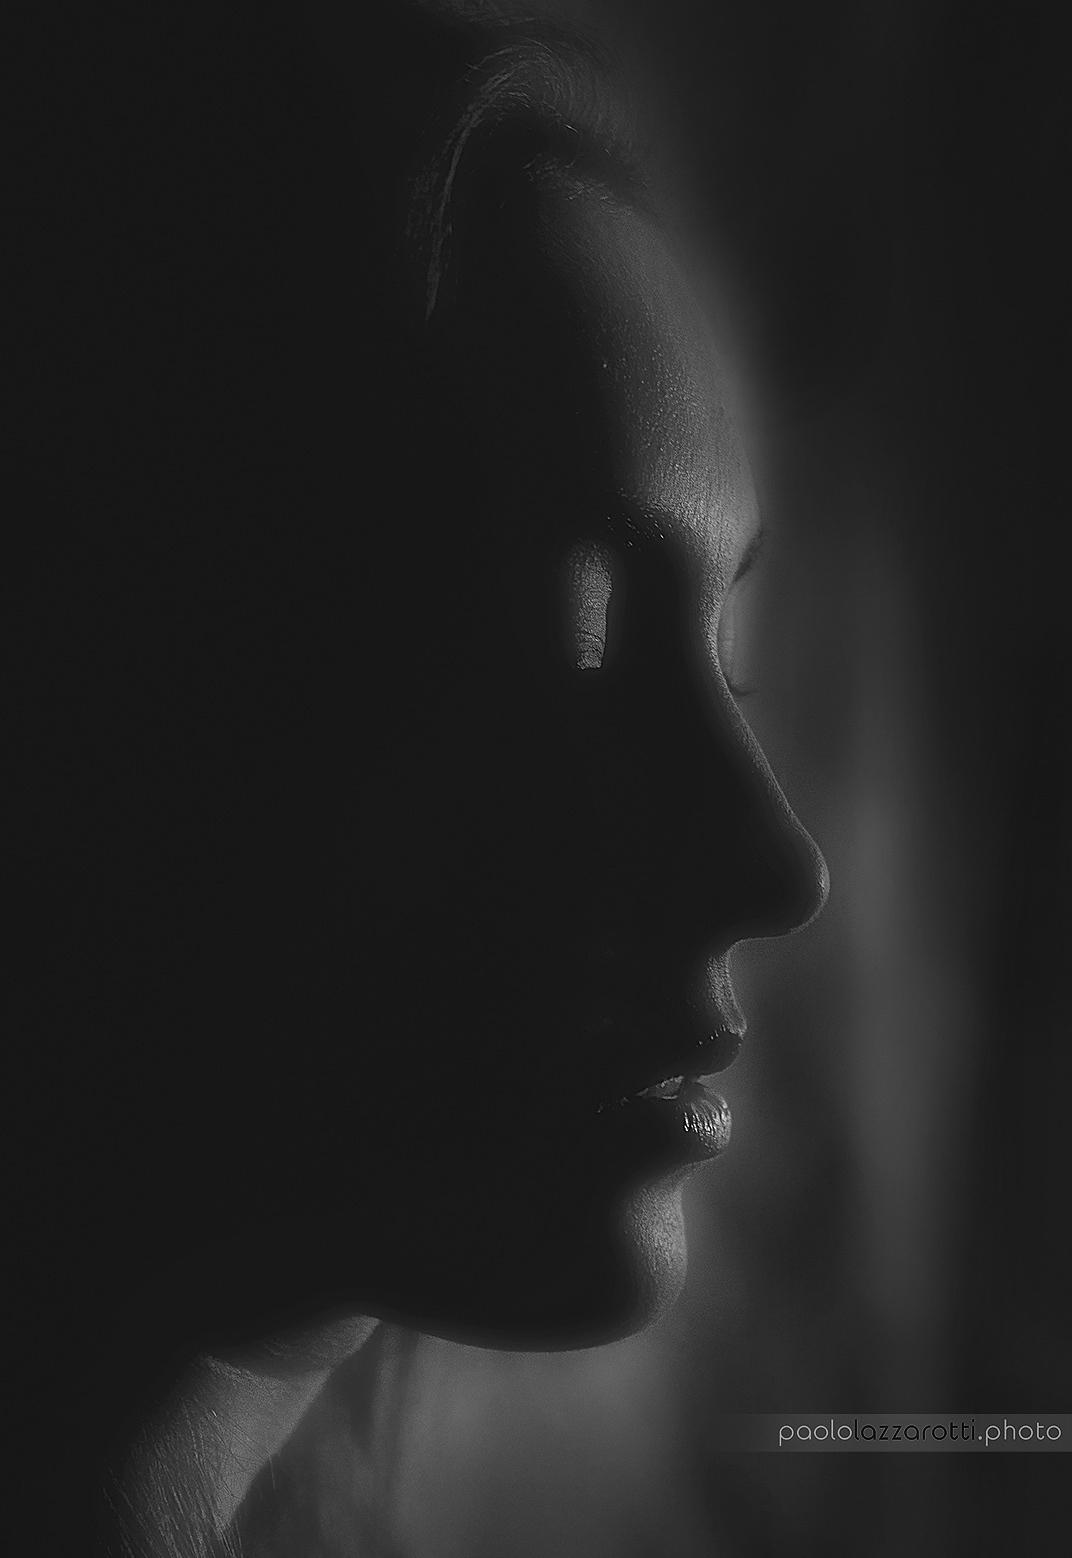 A Subtle Profile by Paolo Lazzarotti